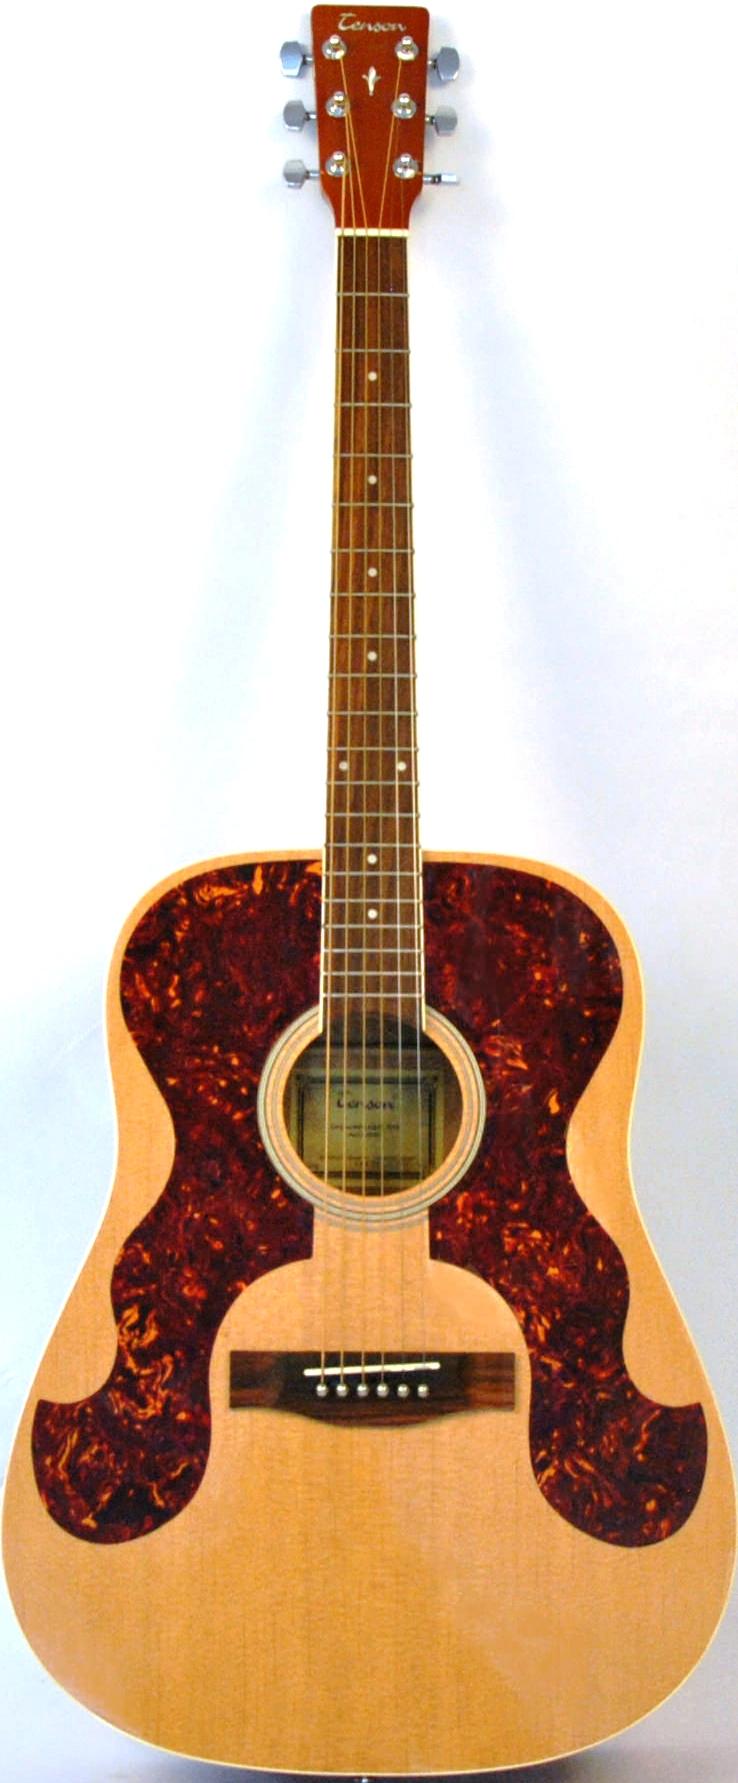 Мозеръ PCG-2 Защитная накладка для акустической гитары из пластика (гольпеадор)